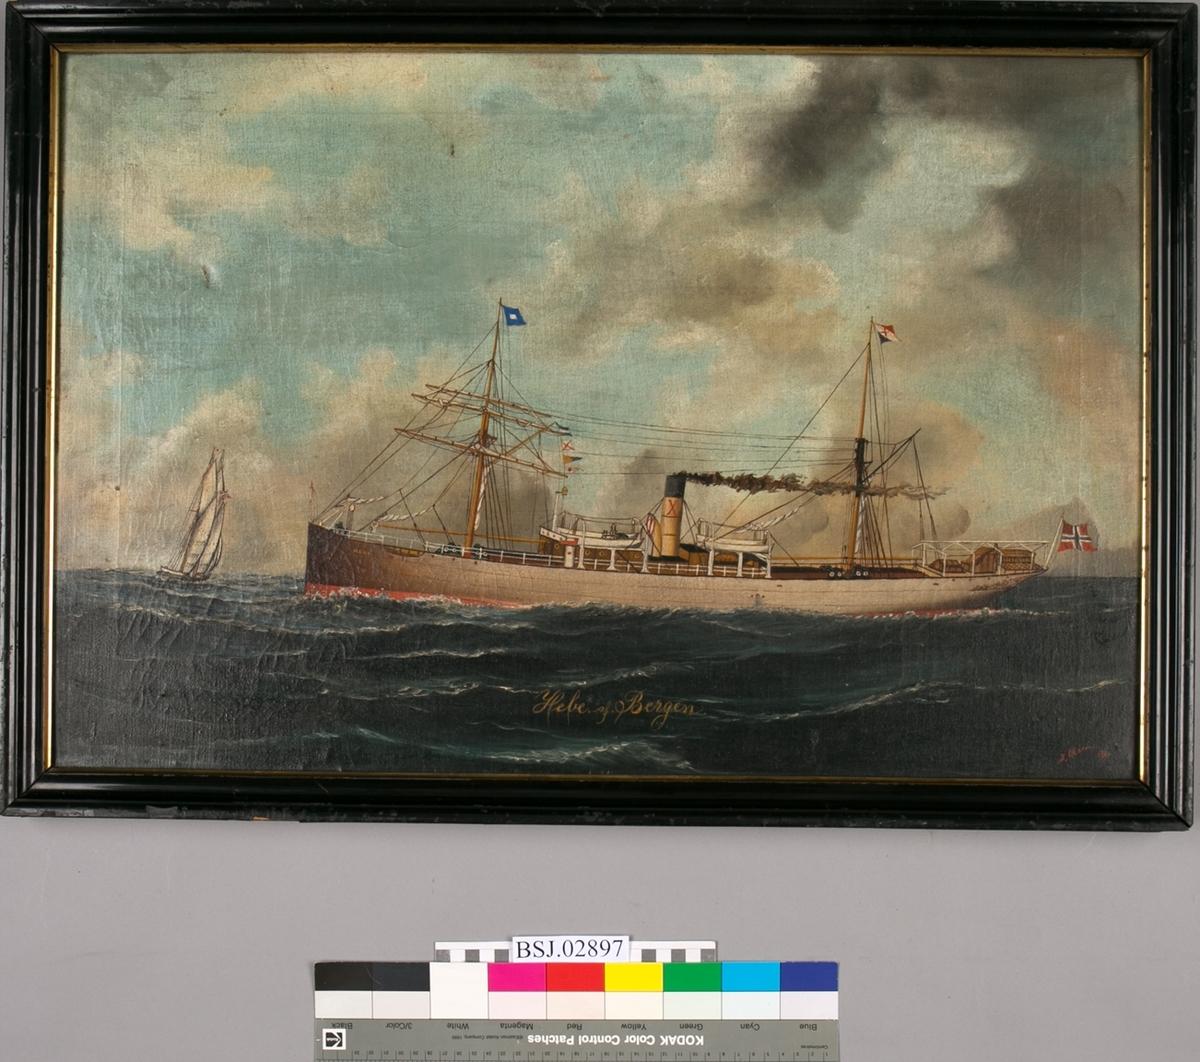 Skipsportrett av DS HEBE under fart i åpen sjø. Har skorsteinsmerke til Harloff og Bøe/Rødseth samt norsk handelsflagg med svensk-norsk unionsmerke. Ser et seilskip foran baugen.